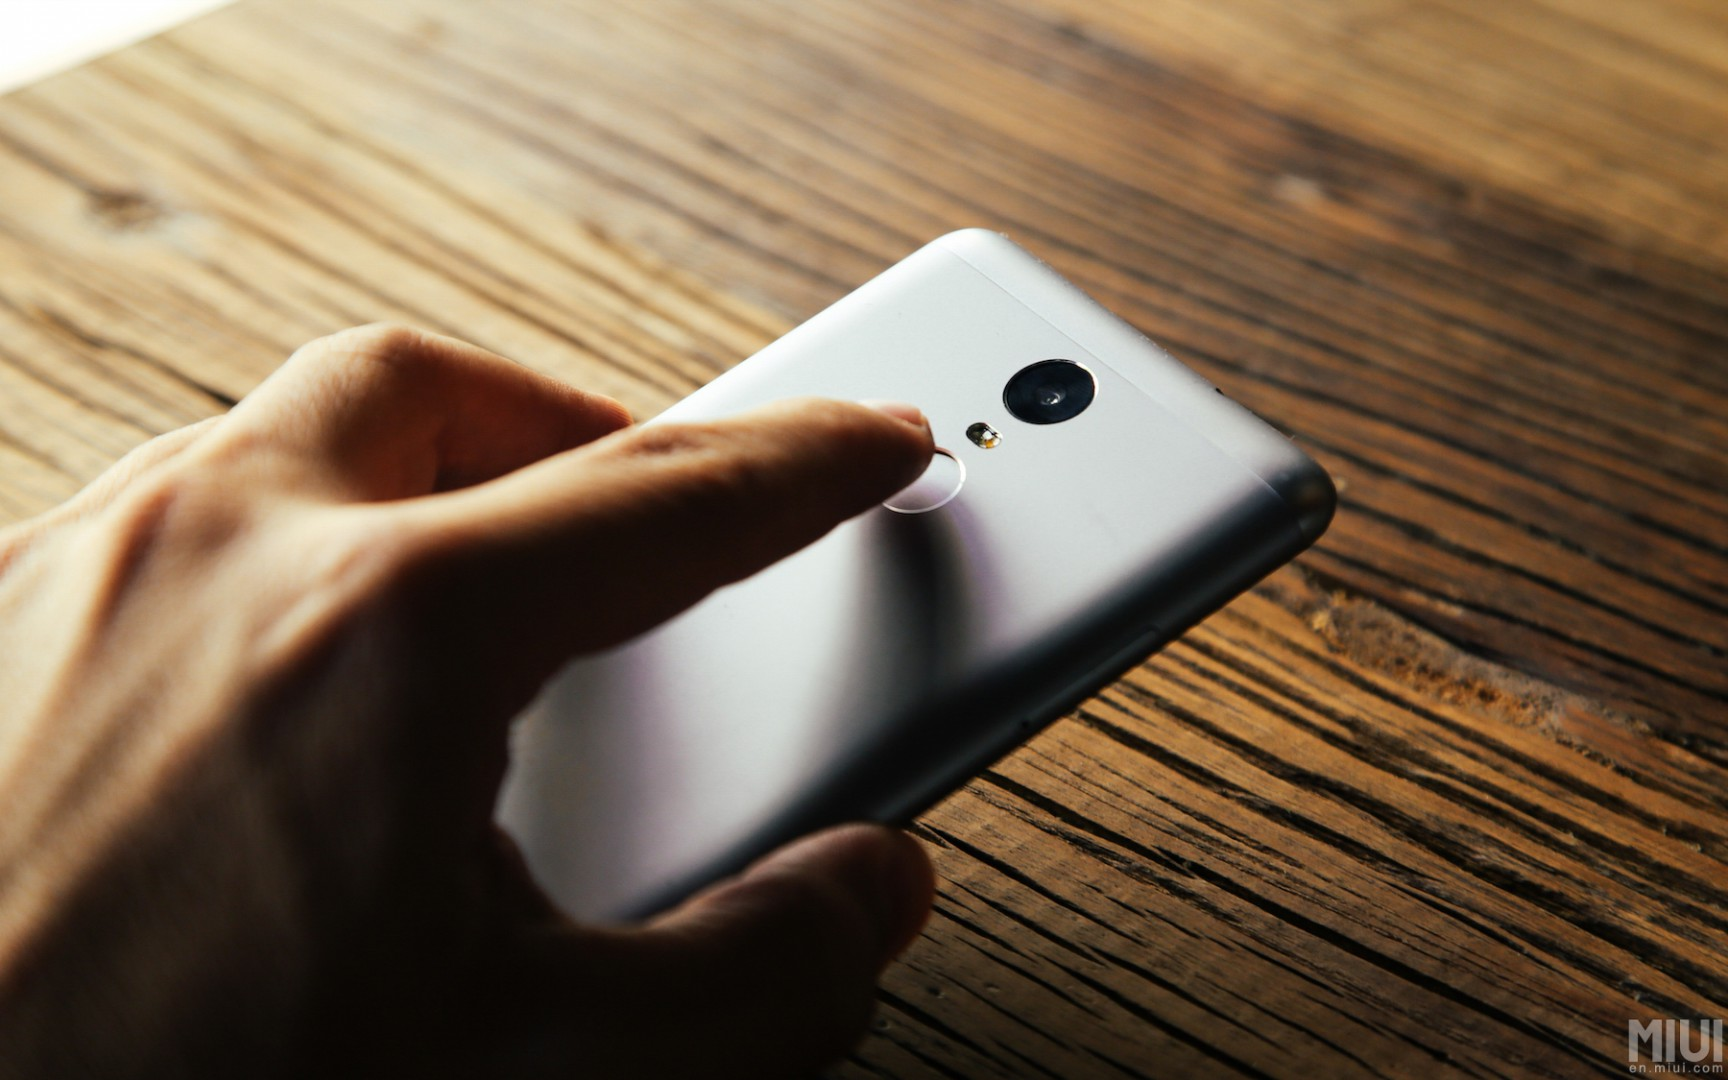 Xiaomi-Redmi-Note-3-vs-Meizu-Metal-differenze-e-specifiche-tecniche-a-confronto-3